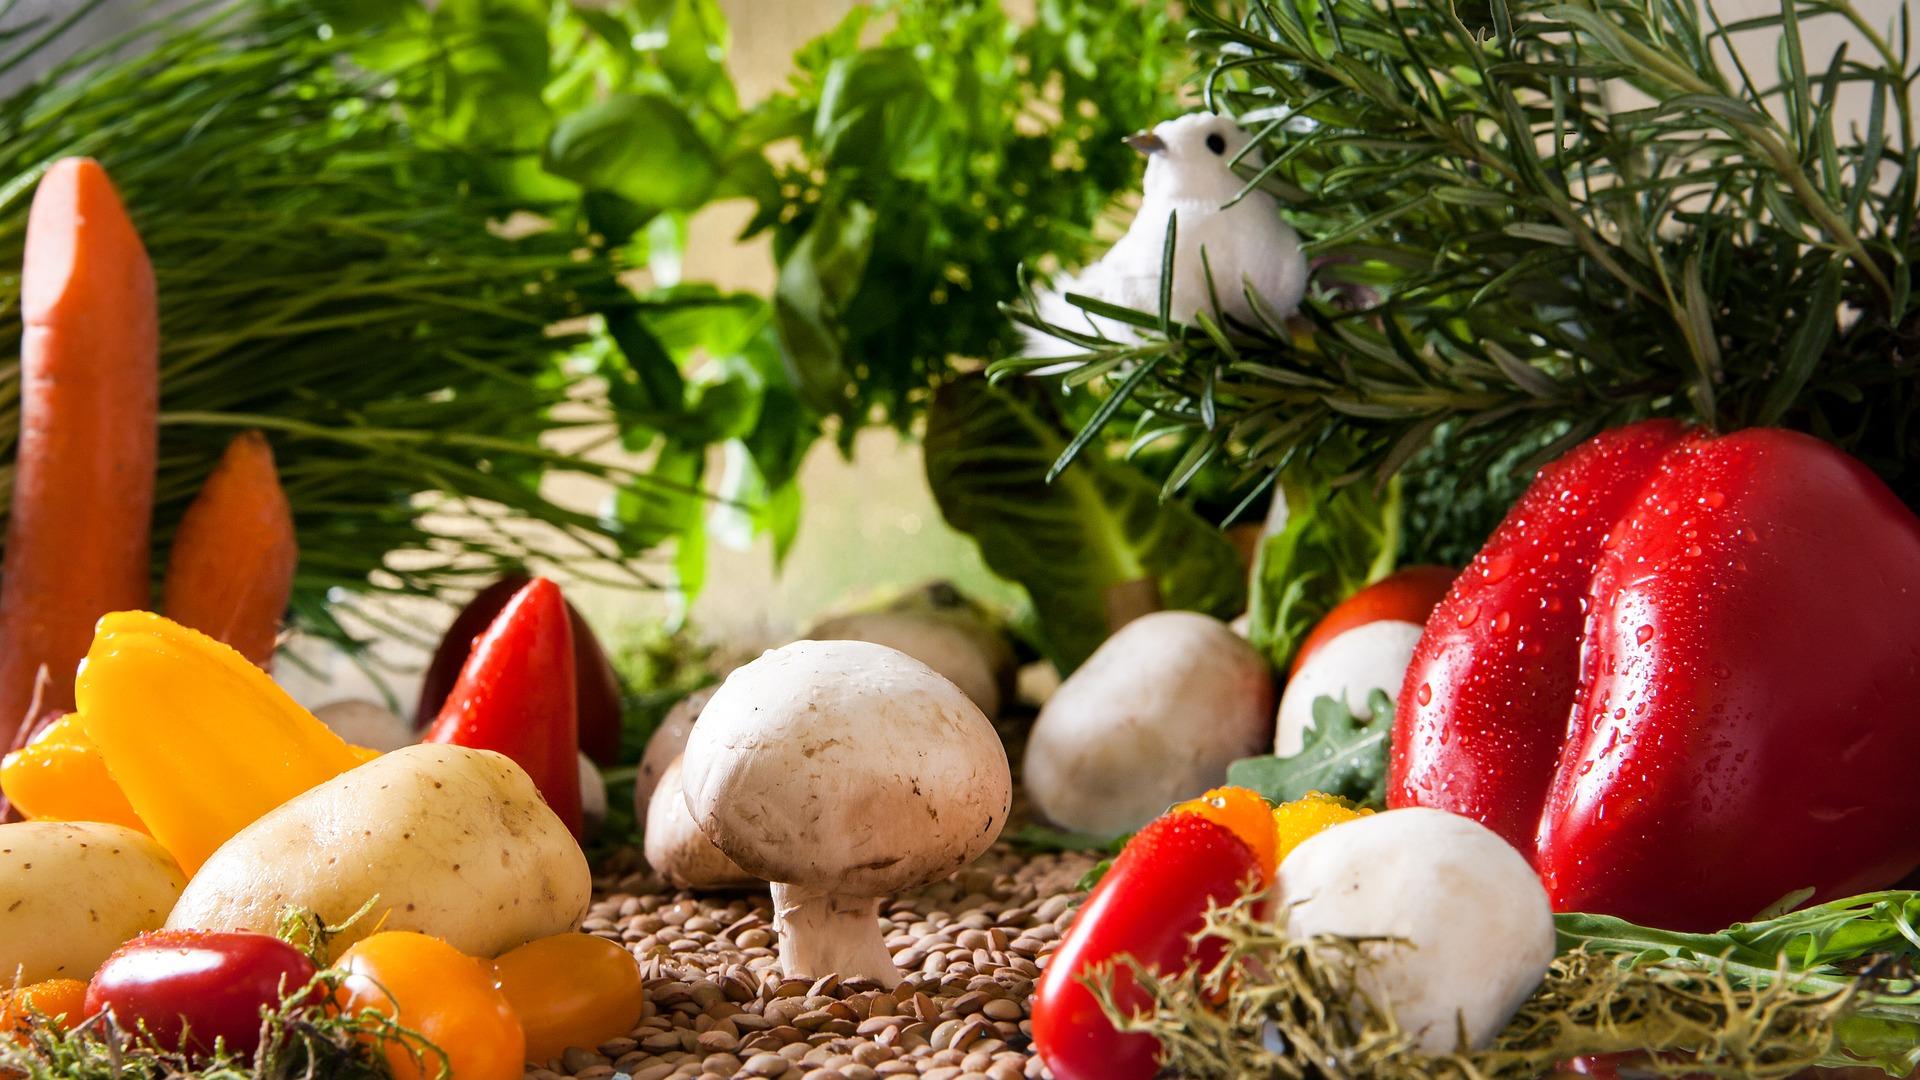 Tuinbouworganisaties willen Europese handelsnormen voor groenten en fruit behouden